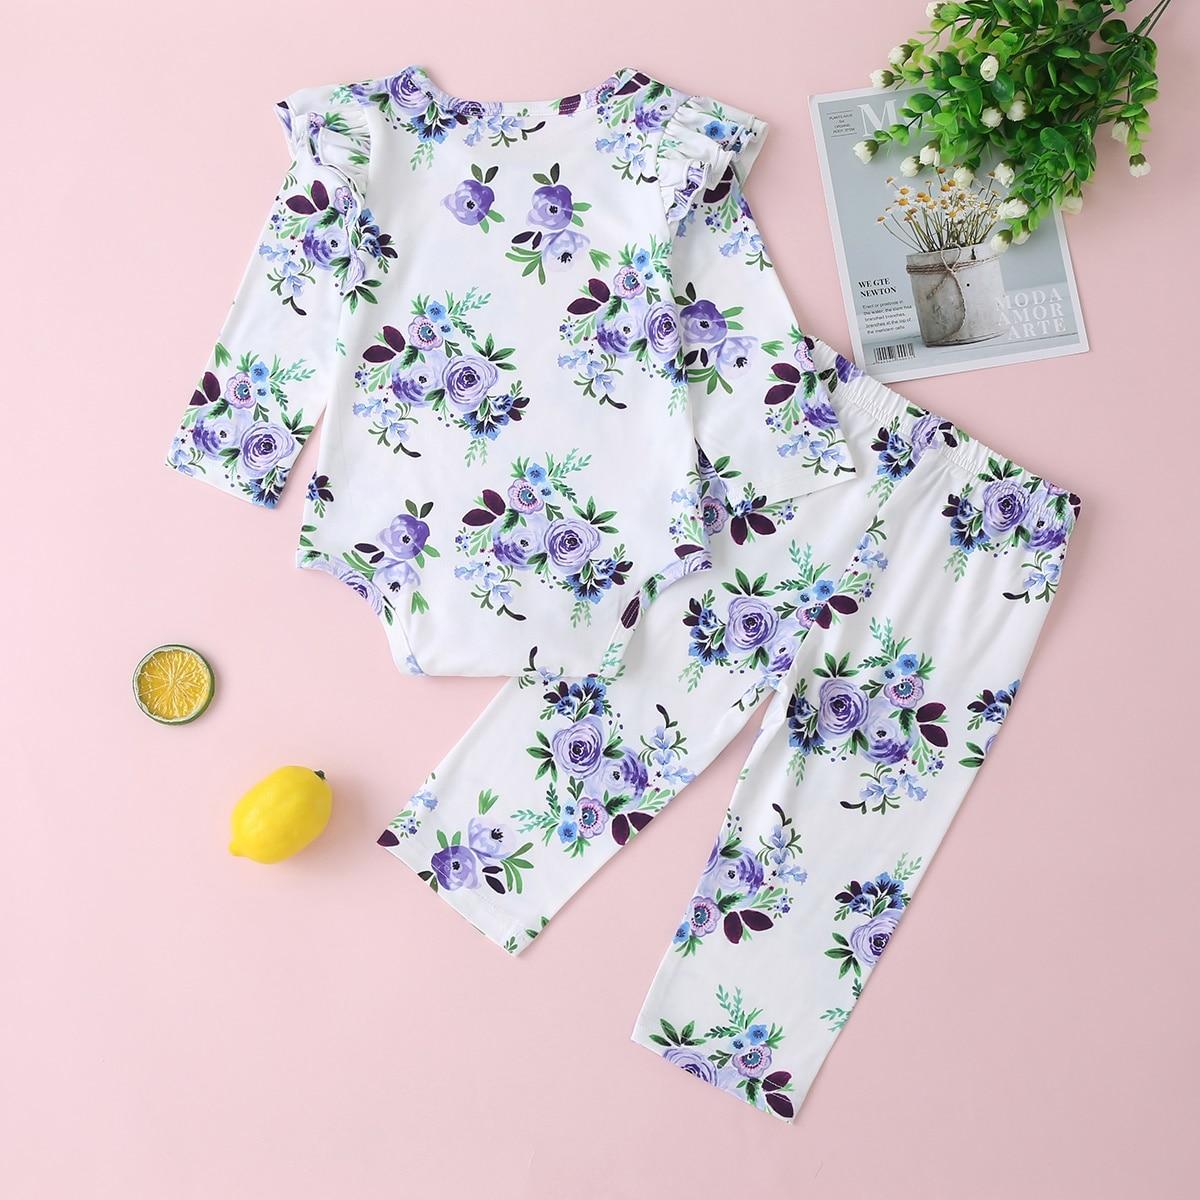 Осенняя одежда для новорожденных девочек 3 предмета хлопковое